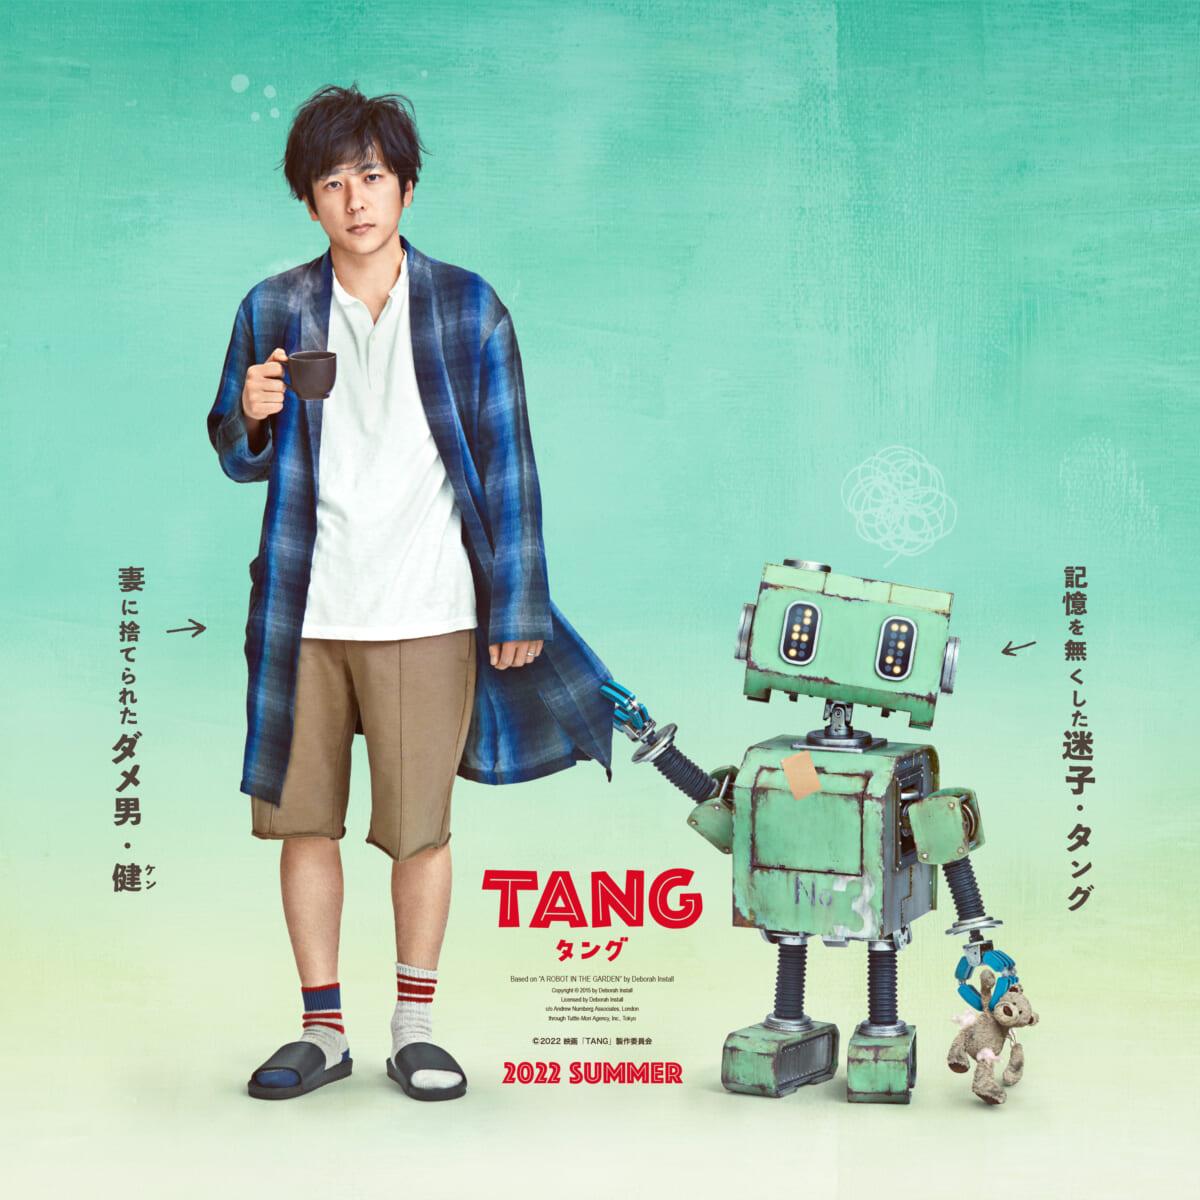 ©2022 映画「 TANG 」製作委員会